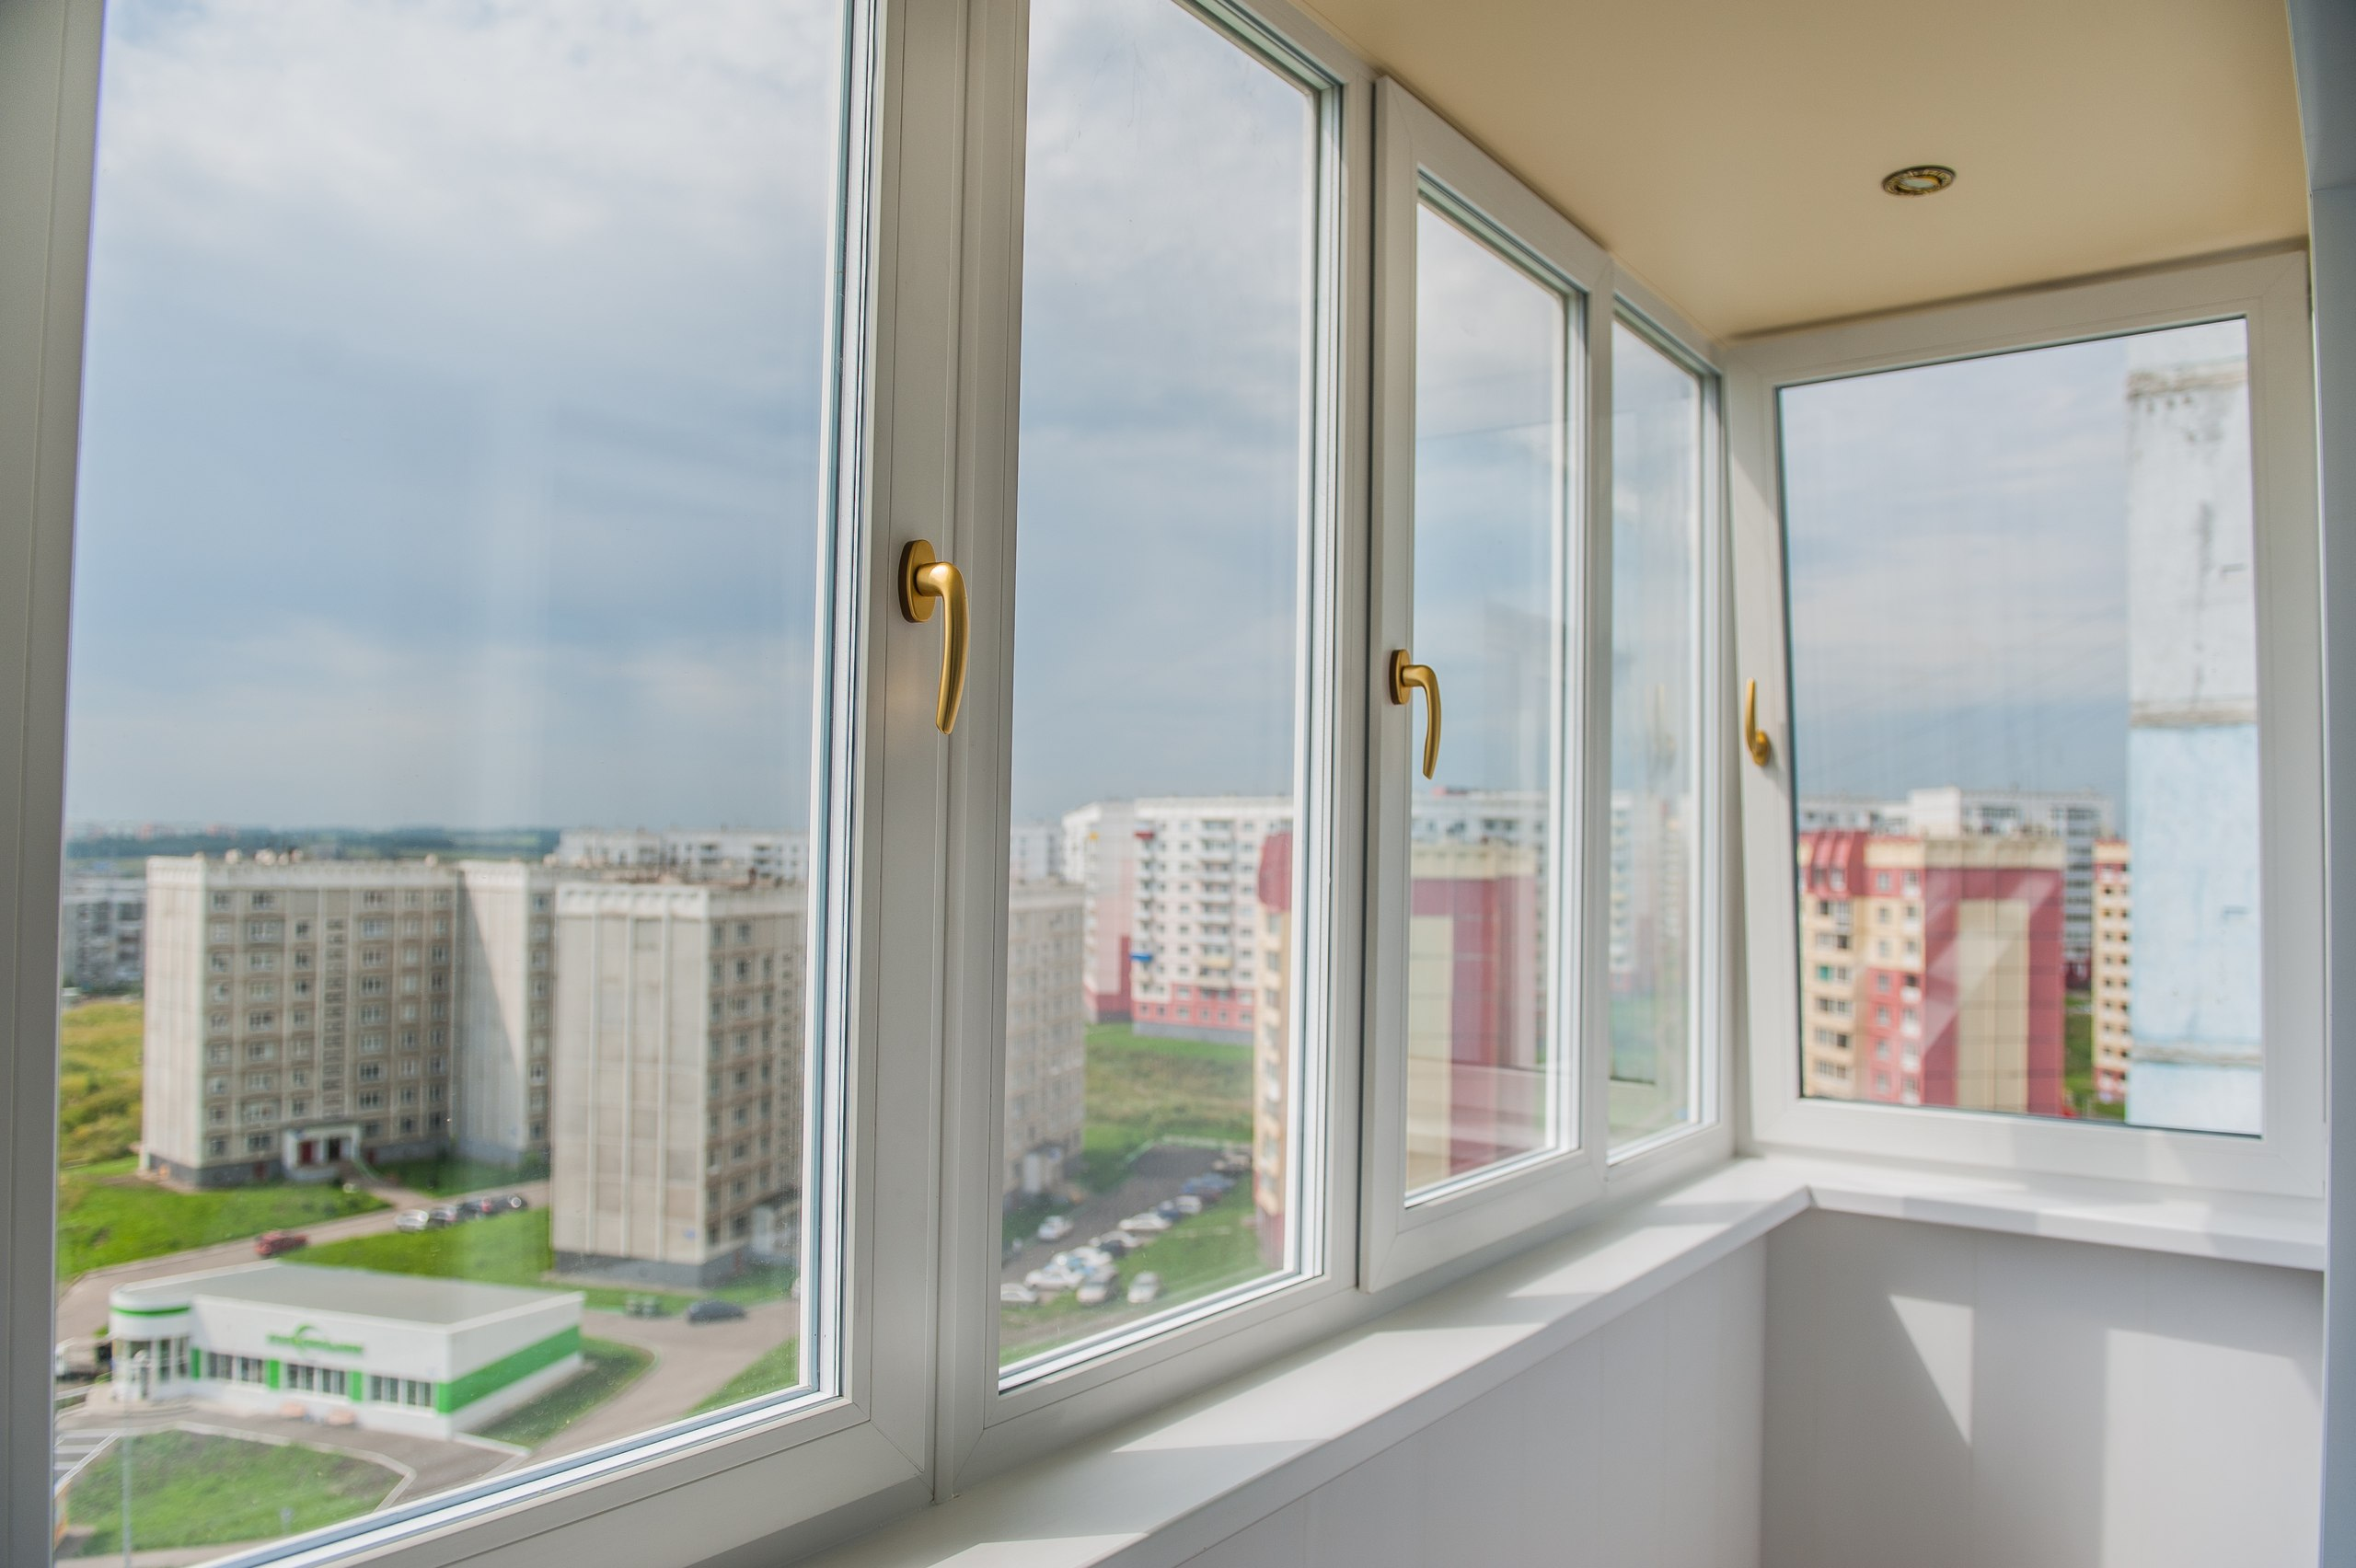 Пластиковые окна пвх в балашихе - 235961 - dbo.ru.